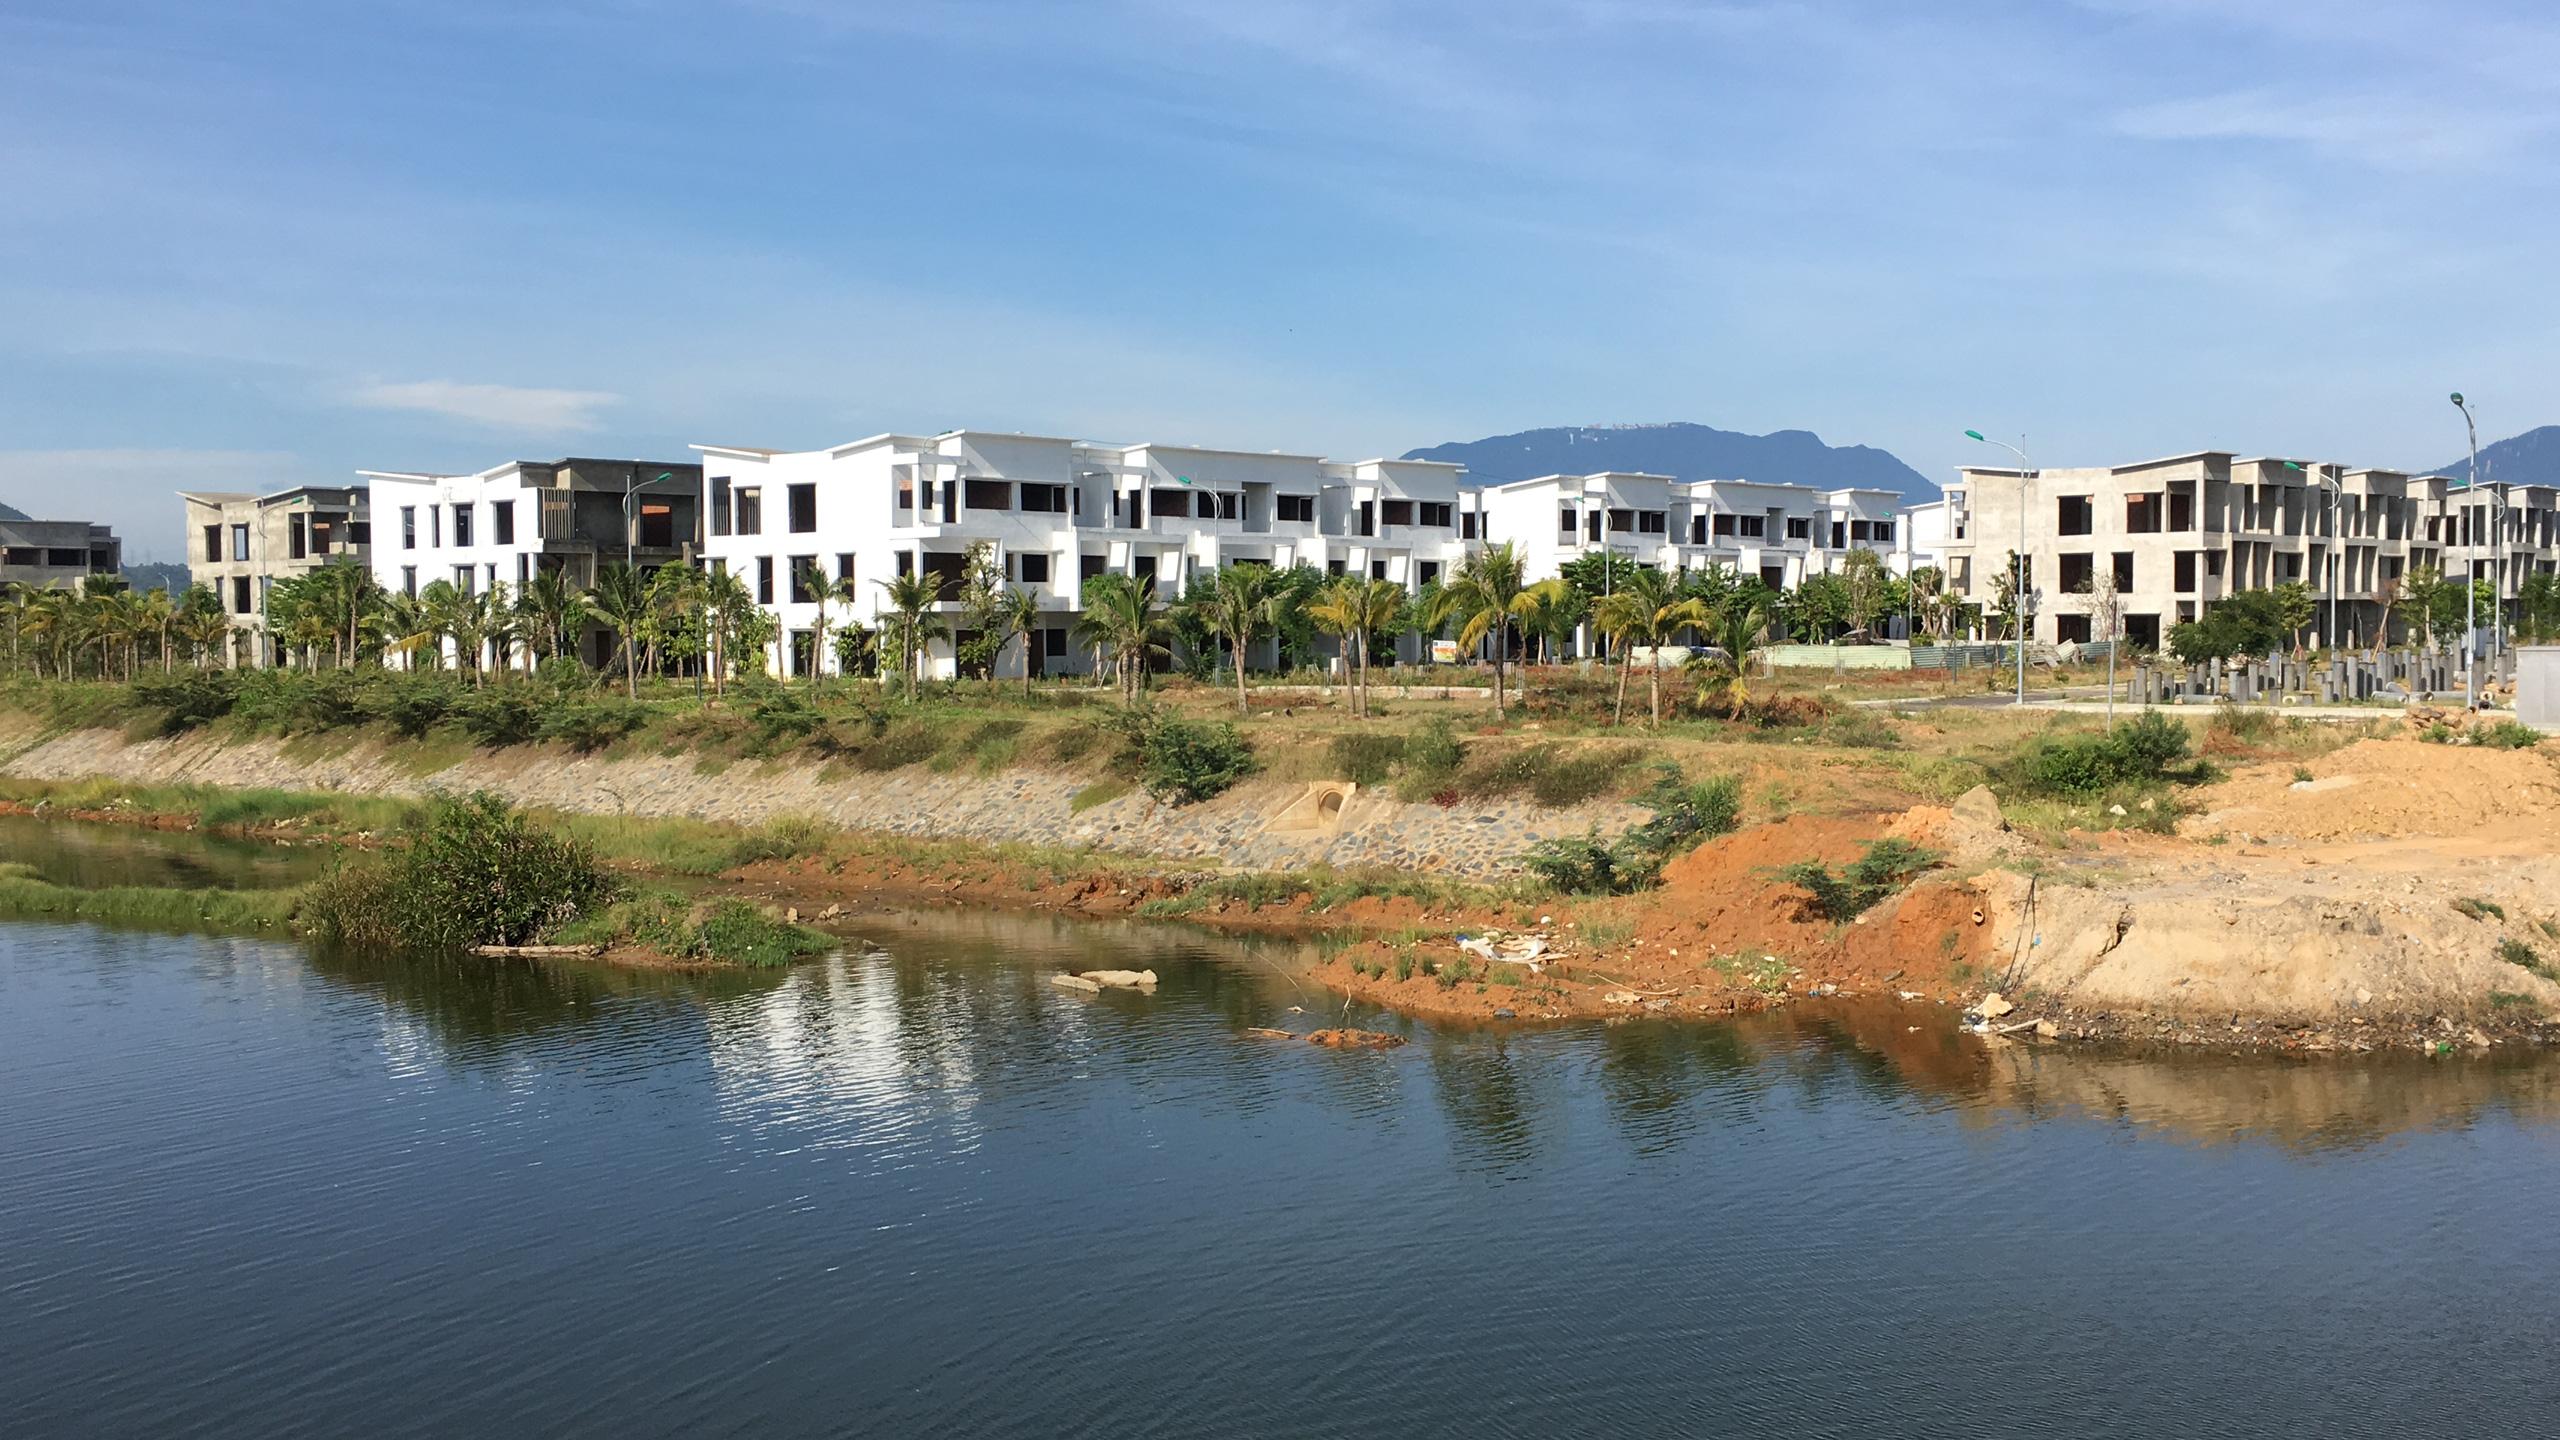 Người nước ngoài được mua nhà ở những dự án nào tại Đà Nẵng? - Ảnh 9.